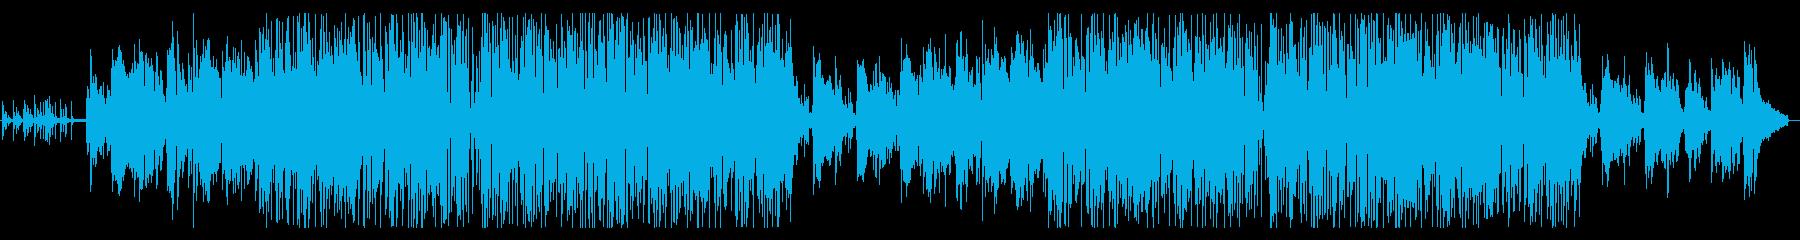 ピアノメロの落ち着いたスムースジャズの再生済みの波形